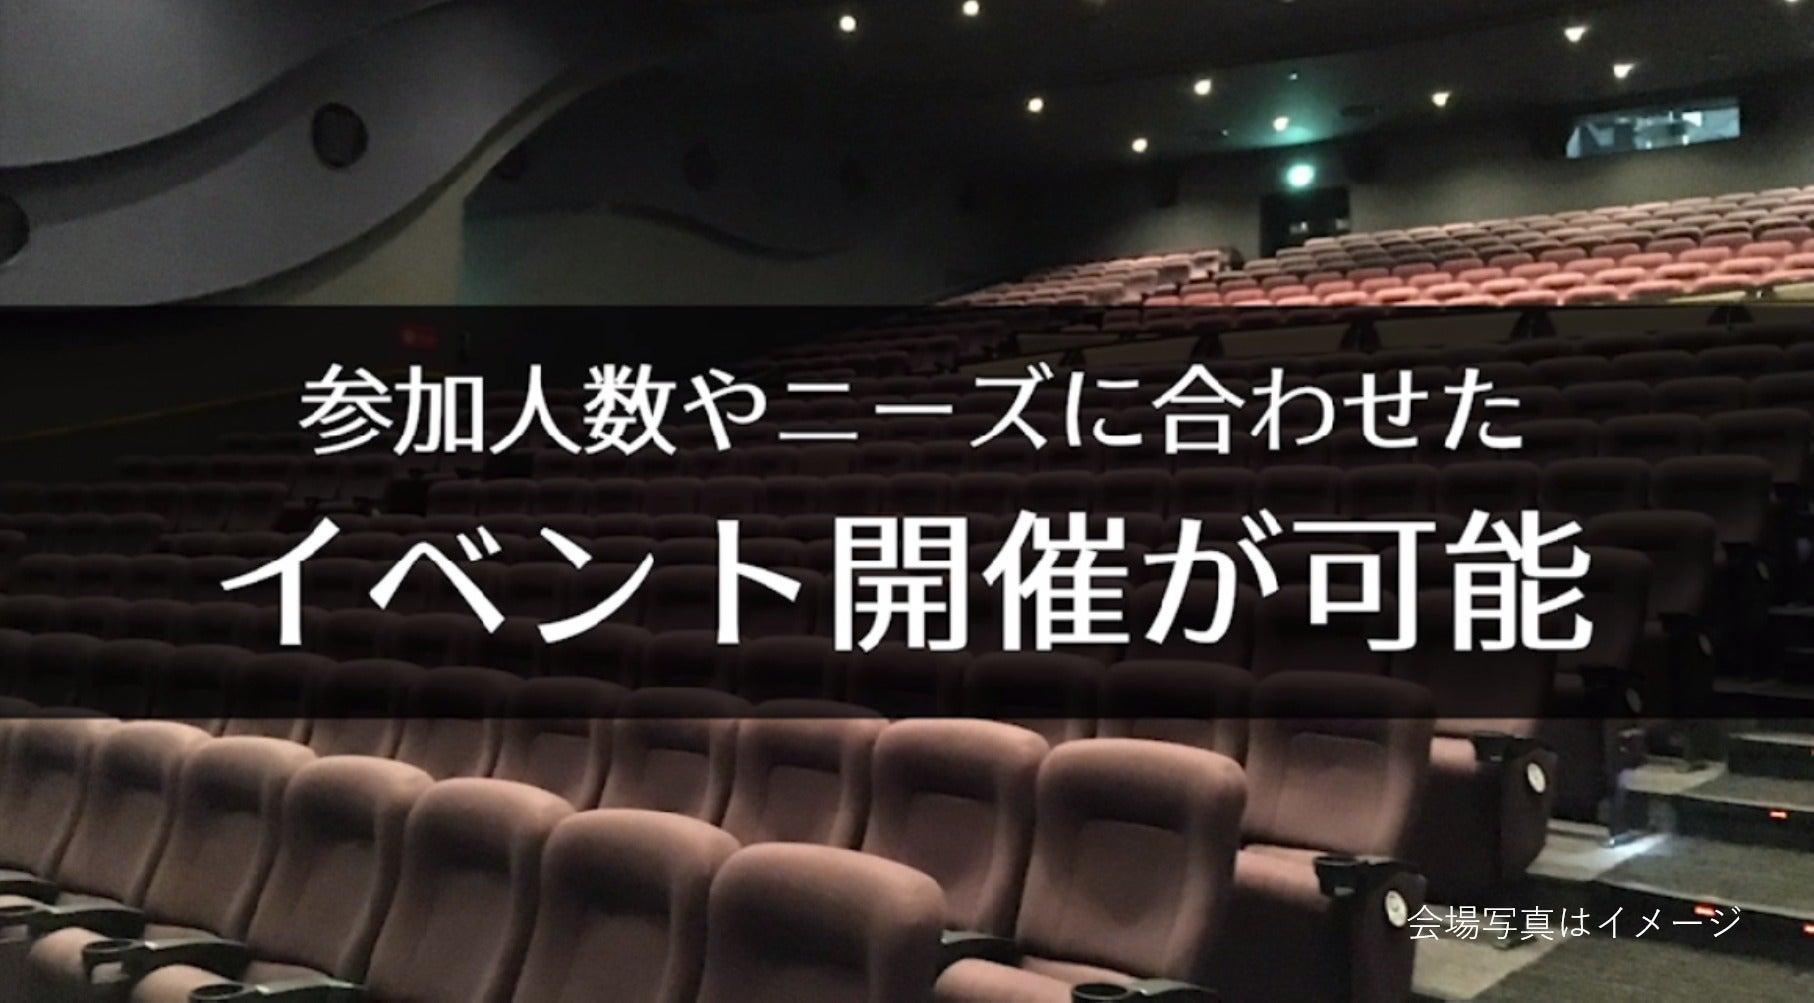 【稲沢 323席】映画館で、会社説明会、株主総会、講演会の企画はいかがですか?(ユナイテッド・シネマ稲沢) の写真0